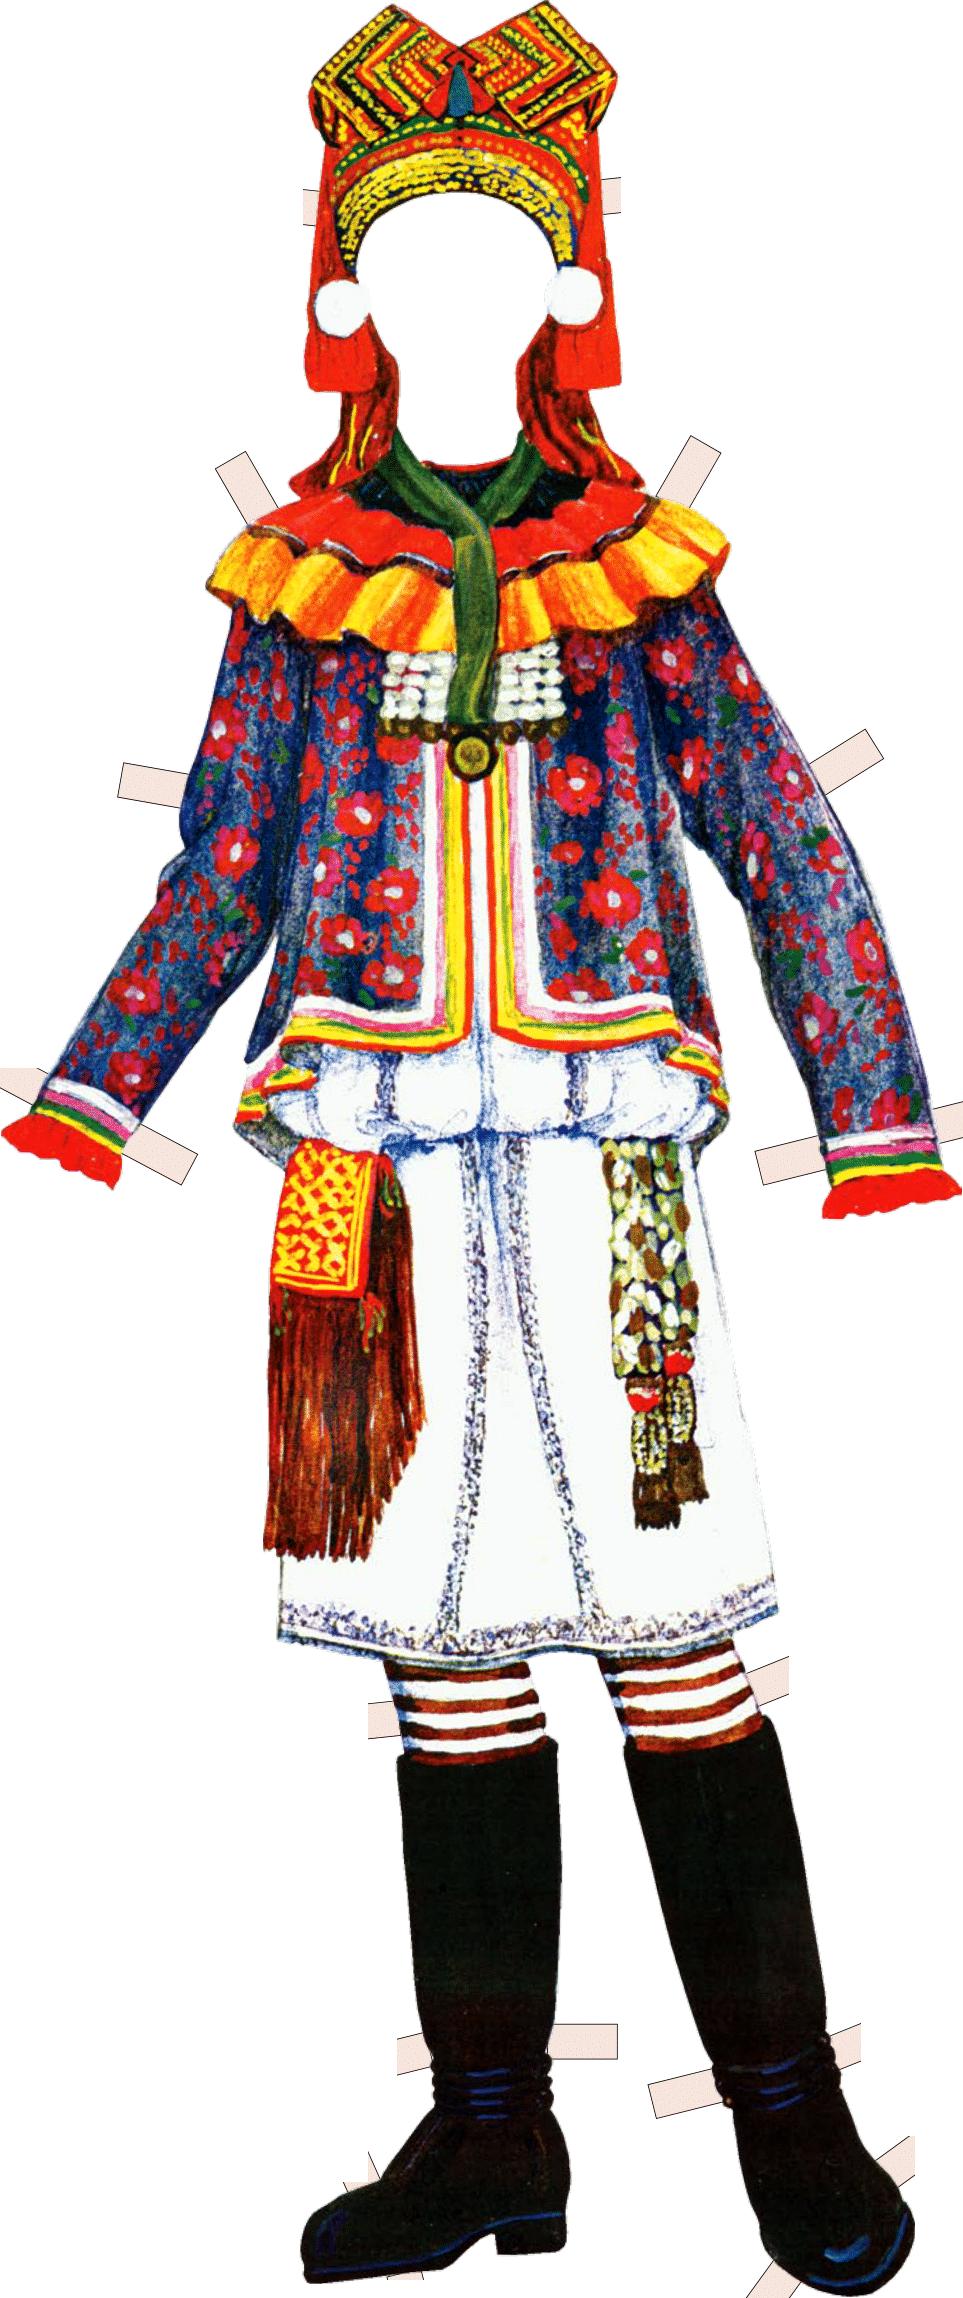 Костюм женщины-мокшанки. Конец XIX в. Пензенская губерния, Чембарский уезд.